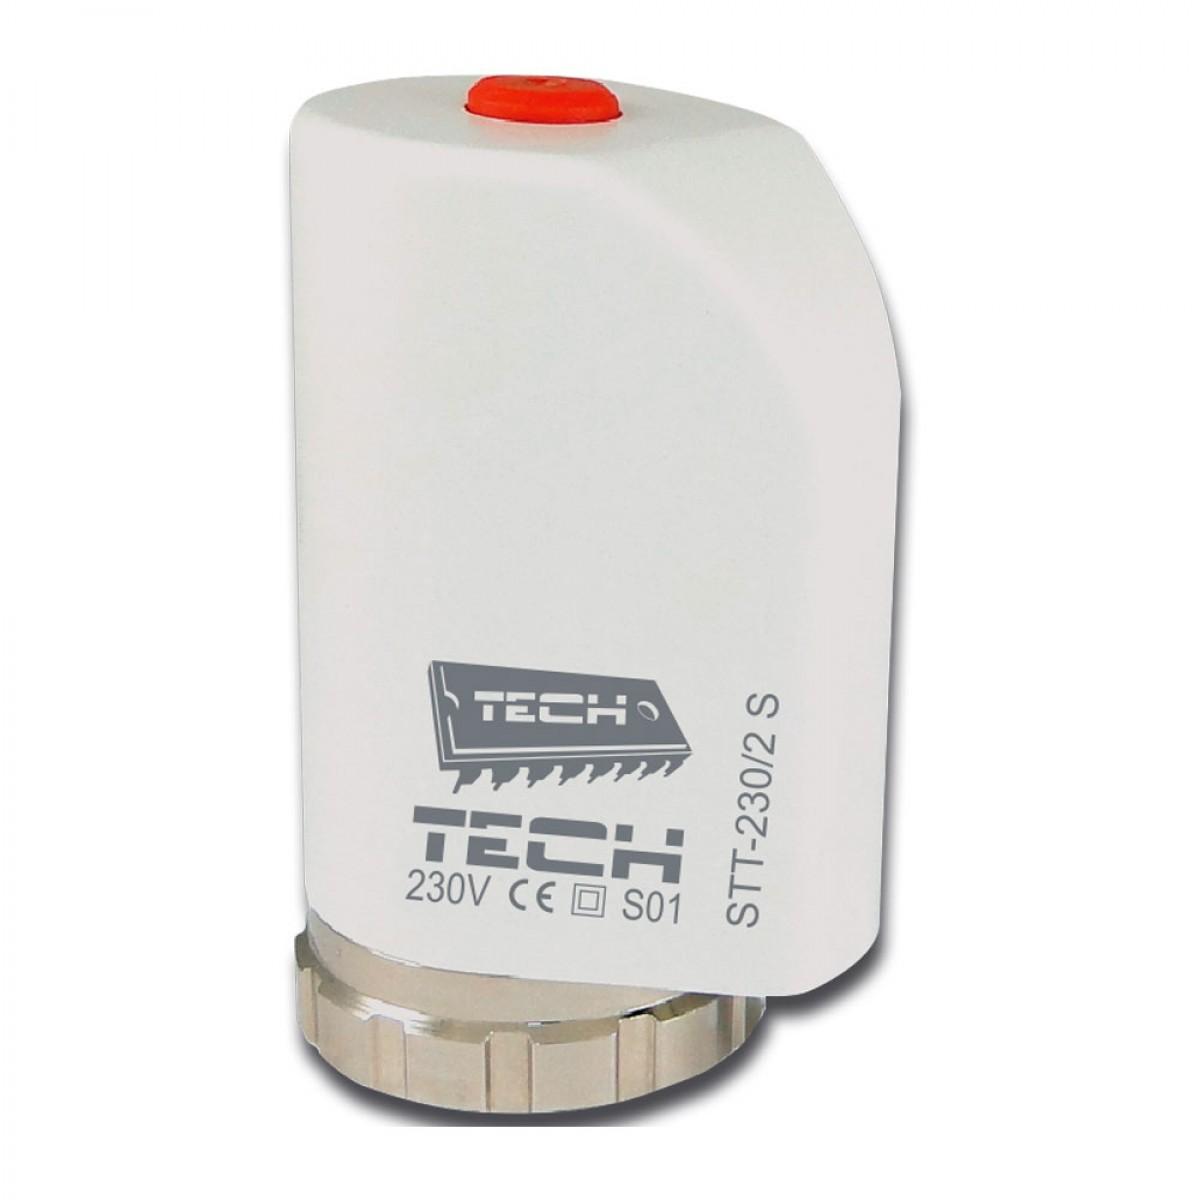 TECH STT-230/2s